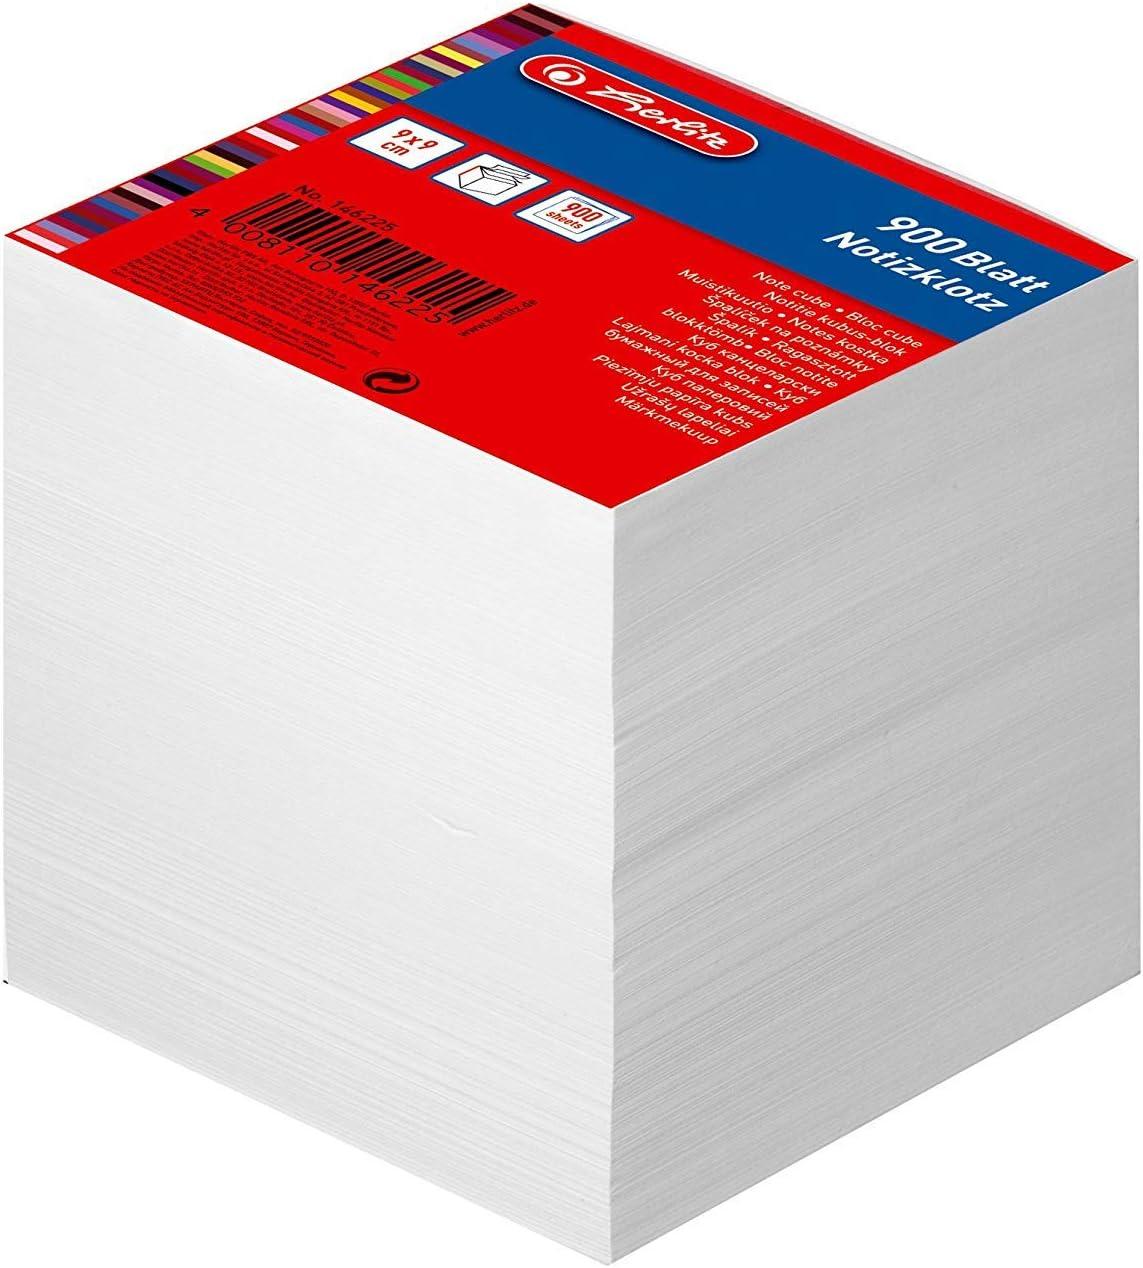 700 Blatt 9 x 9 cm 1 St/ück in Folienpackung farbig Herlitz Notizklotz Geleimt mit Deckblatt